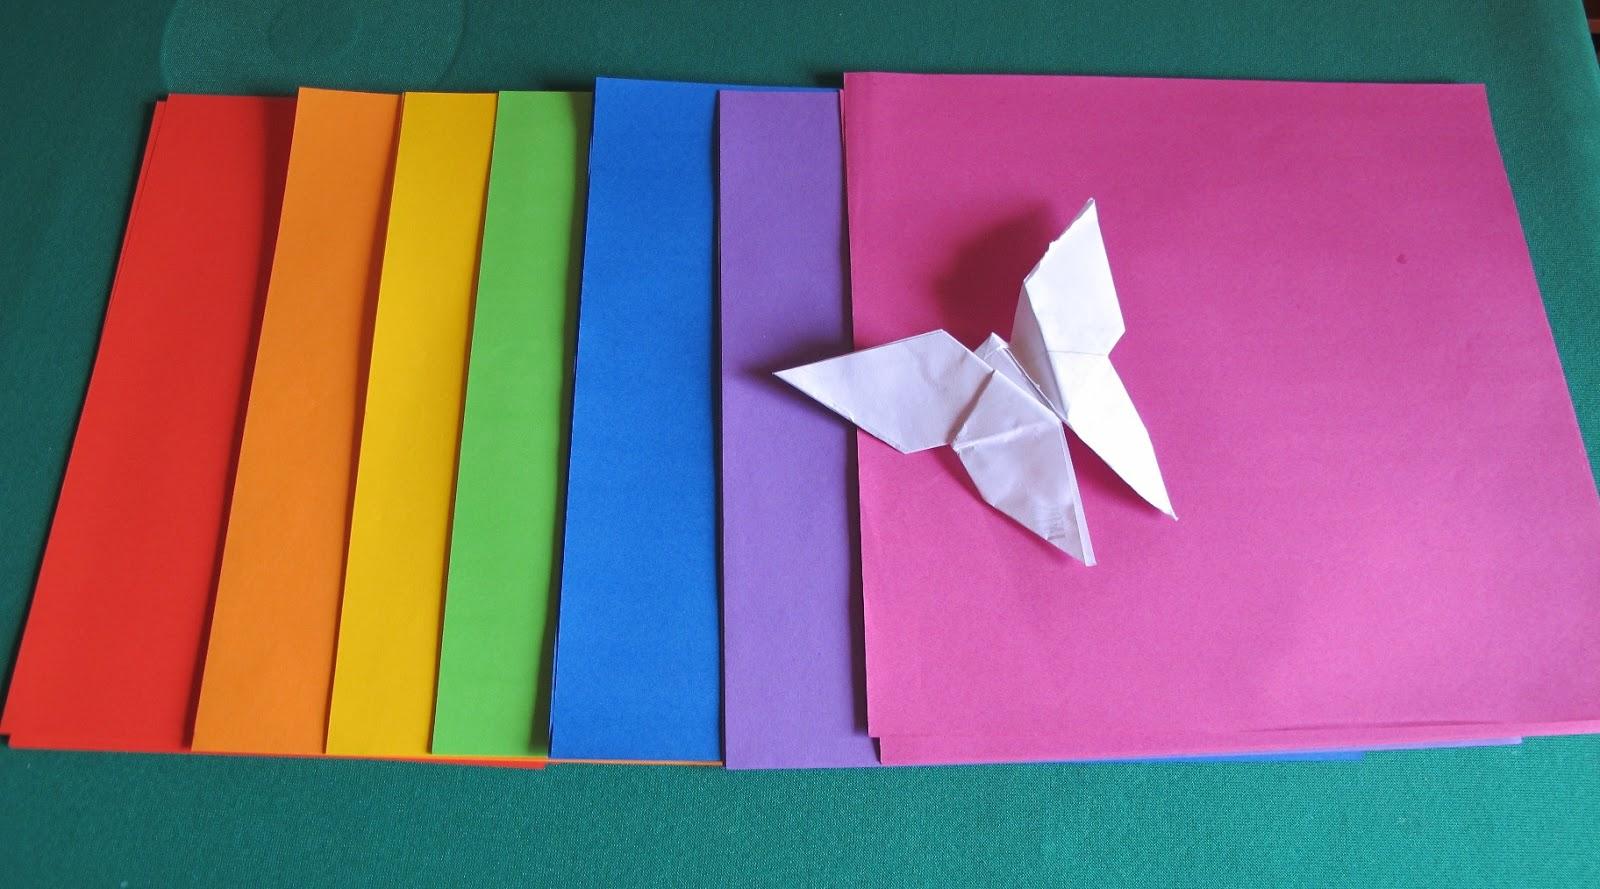 Farfalle Fai Da Te angolino di liana: decorazioni battesimo fai da te: farfalle